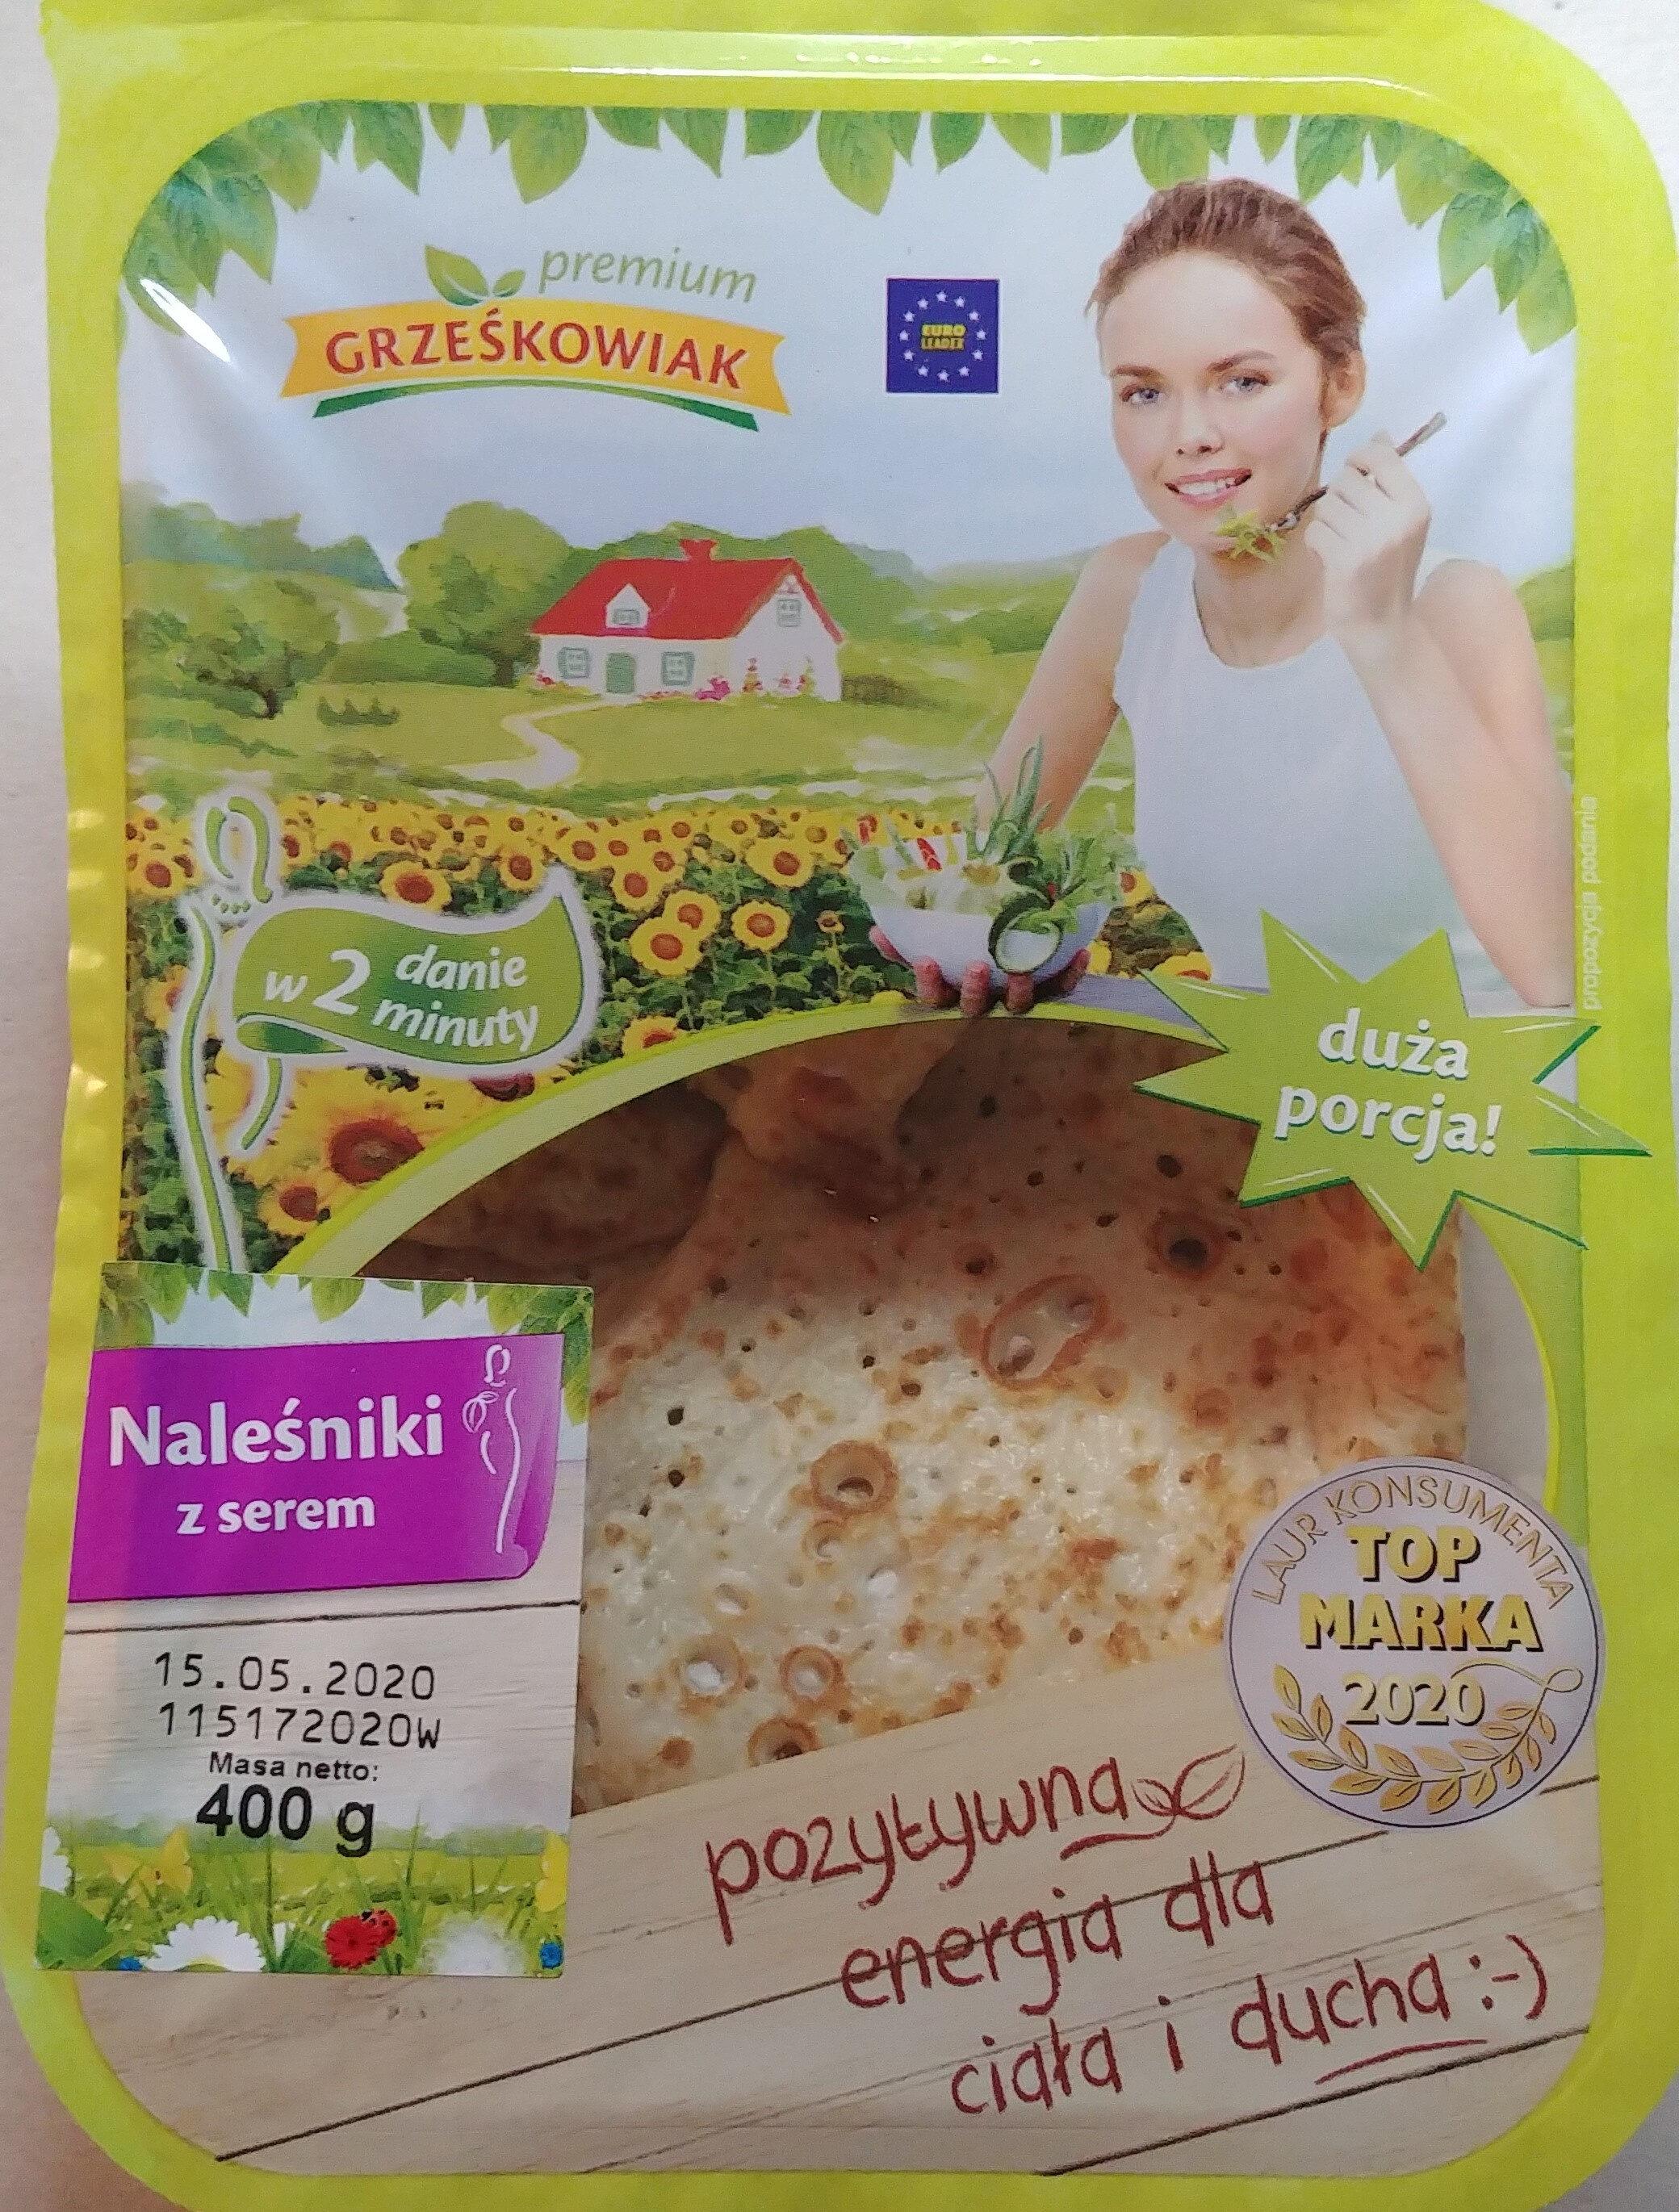 Naleśniki z serem twarogowym - Product - pl